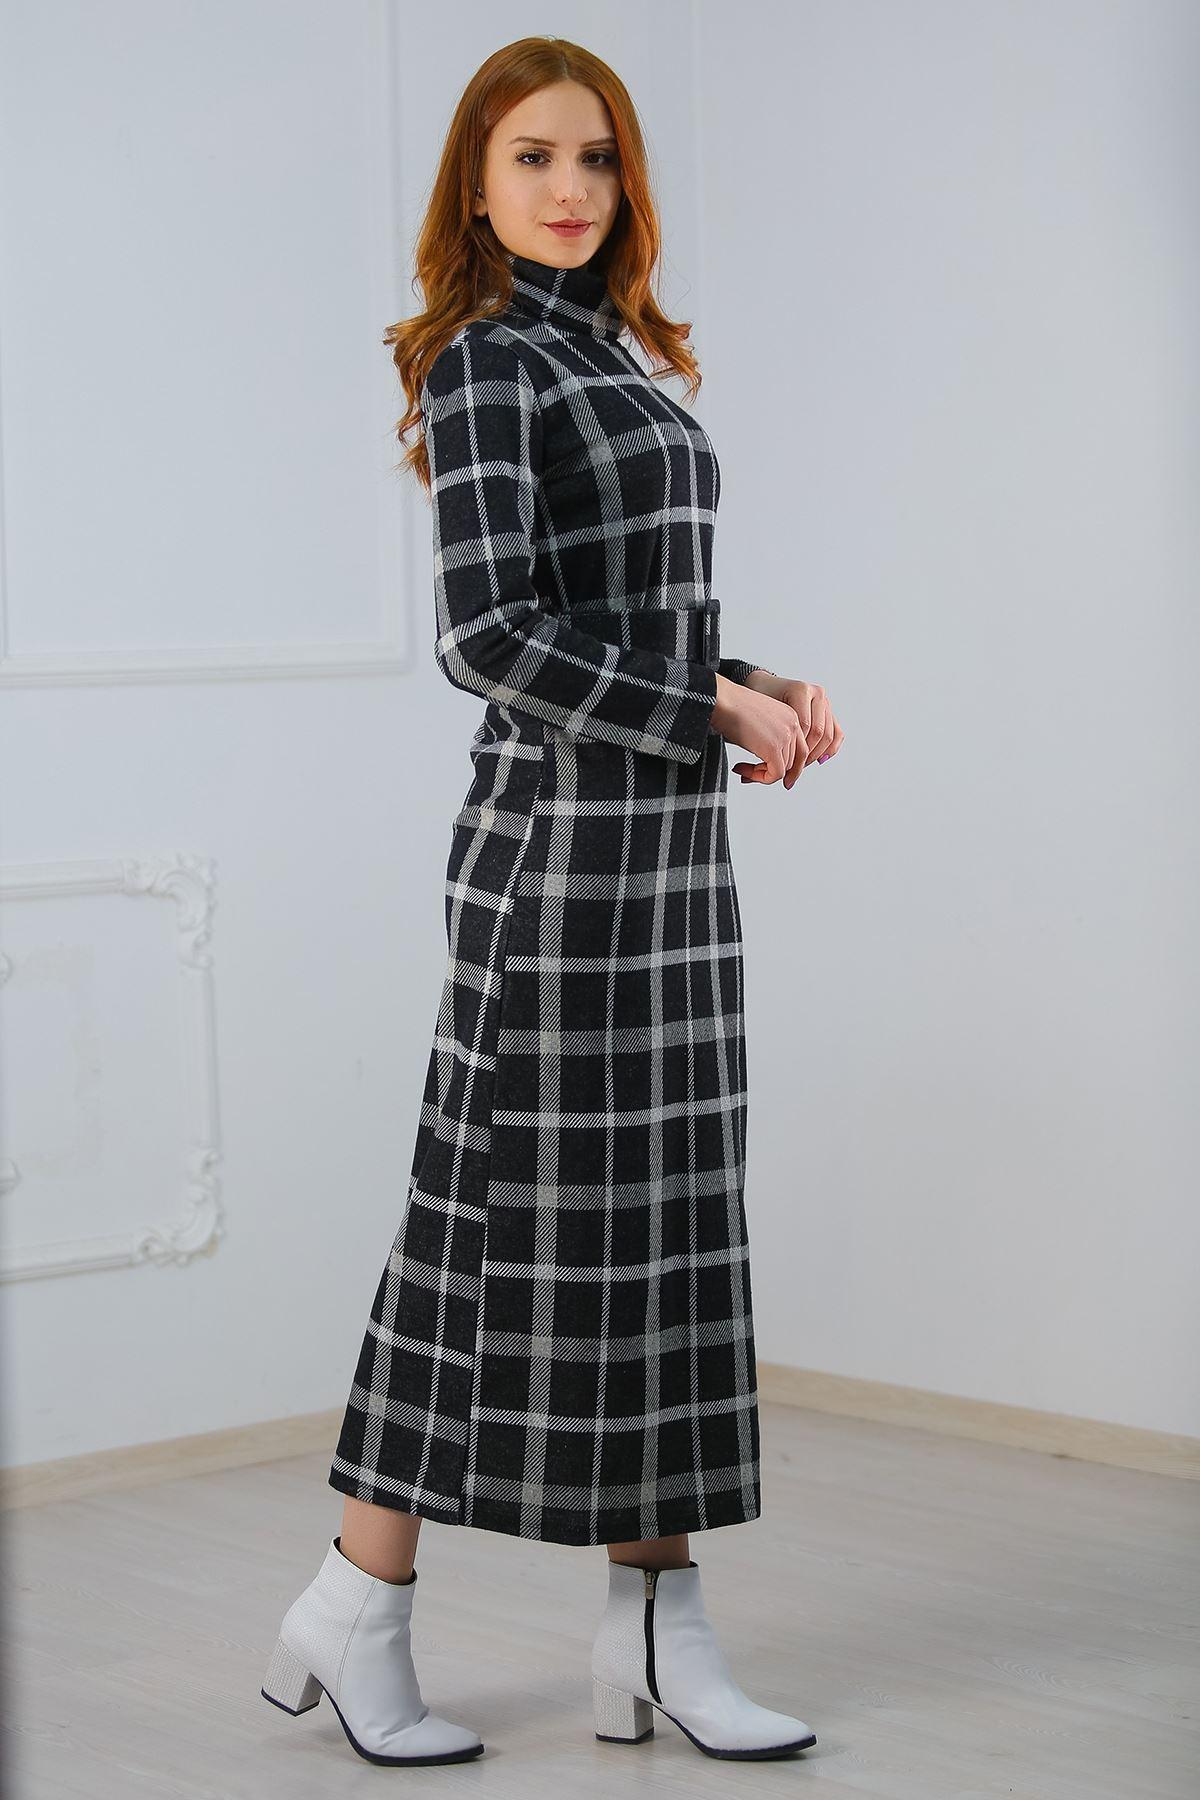 Balıkçı Yaka Elbise Siyahkareli - 8143.1146.